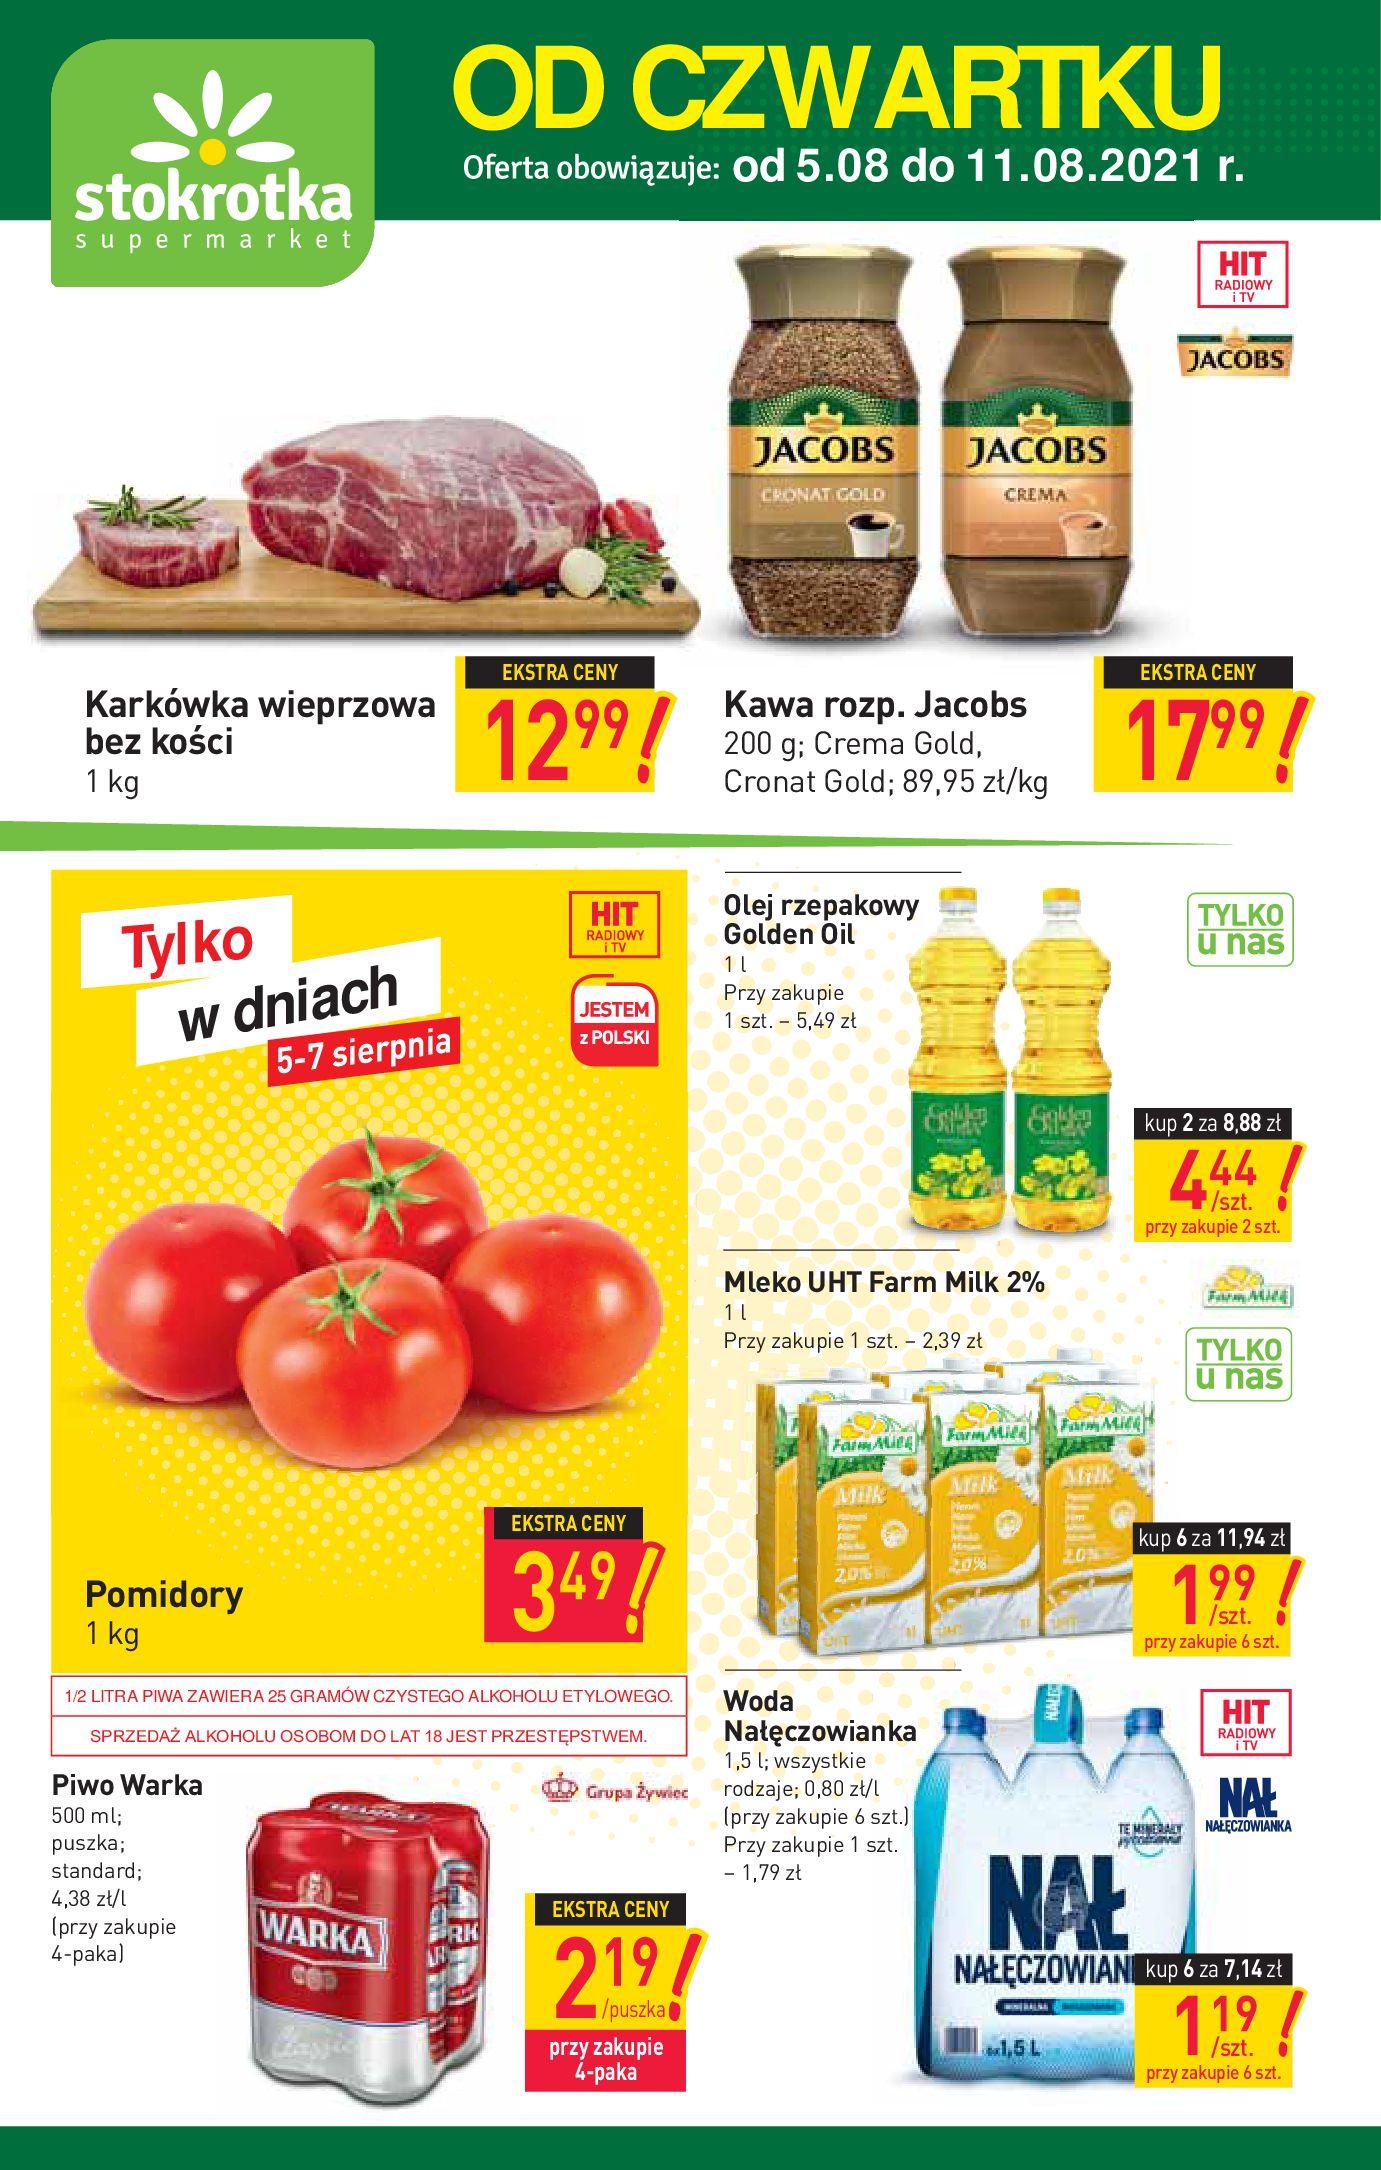 Stokrotka Supermarket:  Gazetka Stokrotka Supermarket od 05.08 04.08.2021